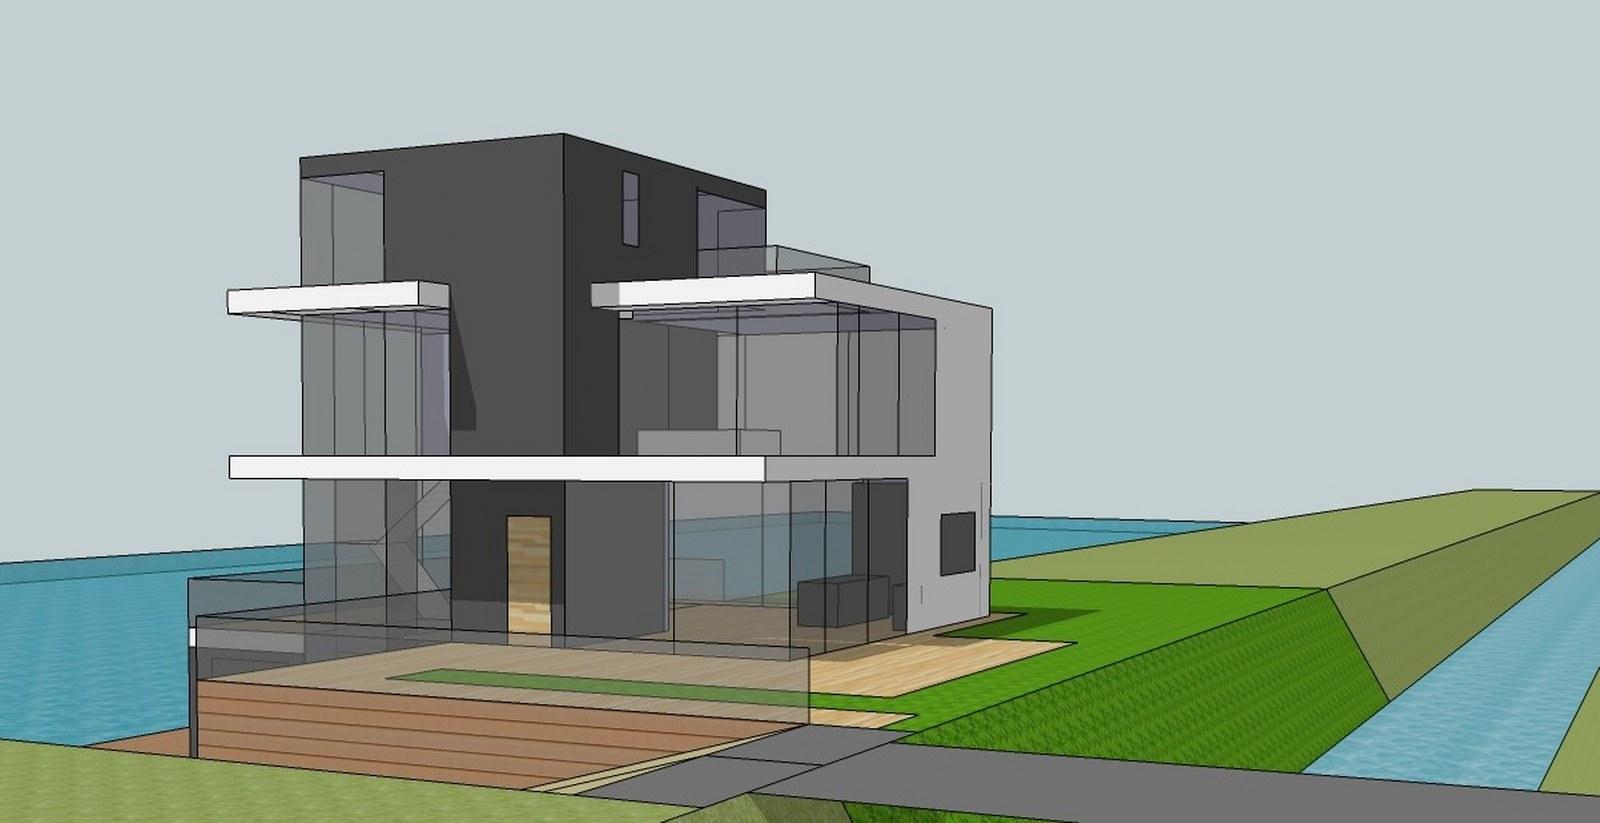 nieuwbouw woonhuis Veenweg Leidschenveen